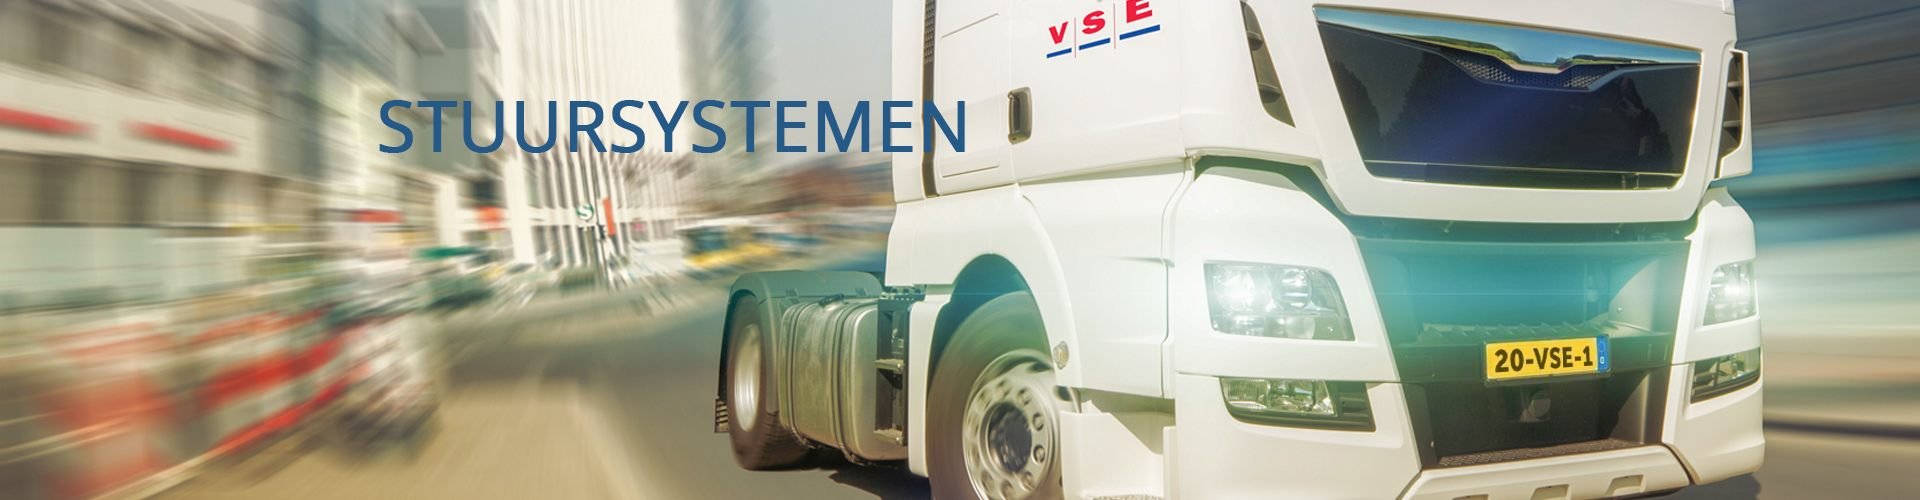 Stuursystemen